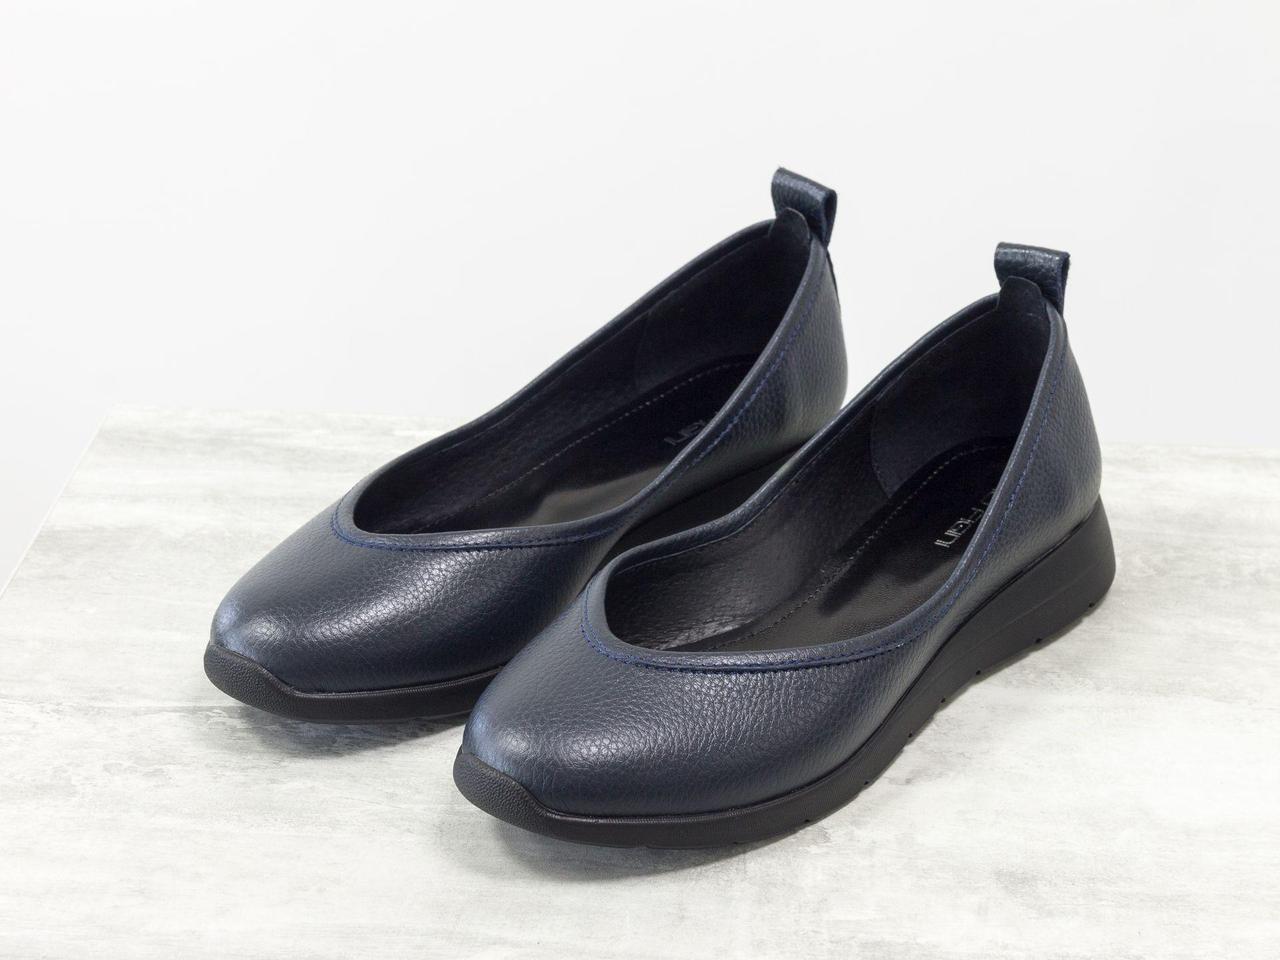 Удобные легкие туфли из натуральной кожи синего цвета на подошве в спортивном стиле